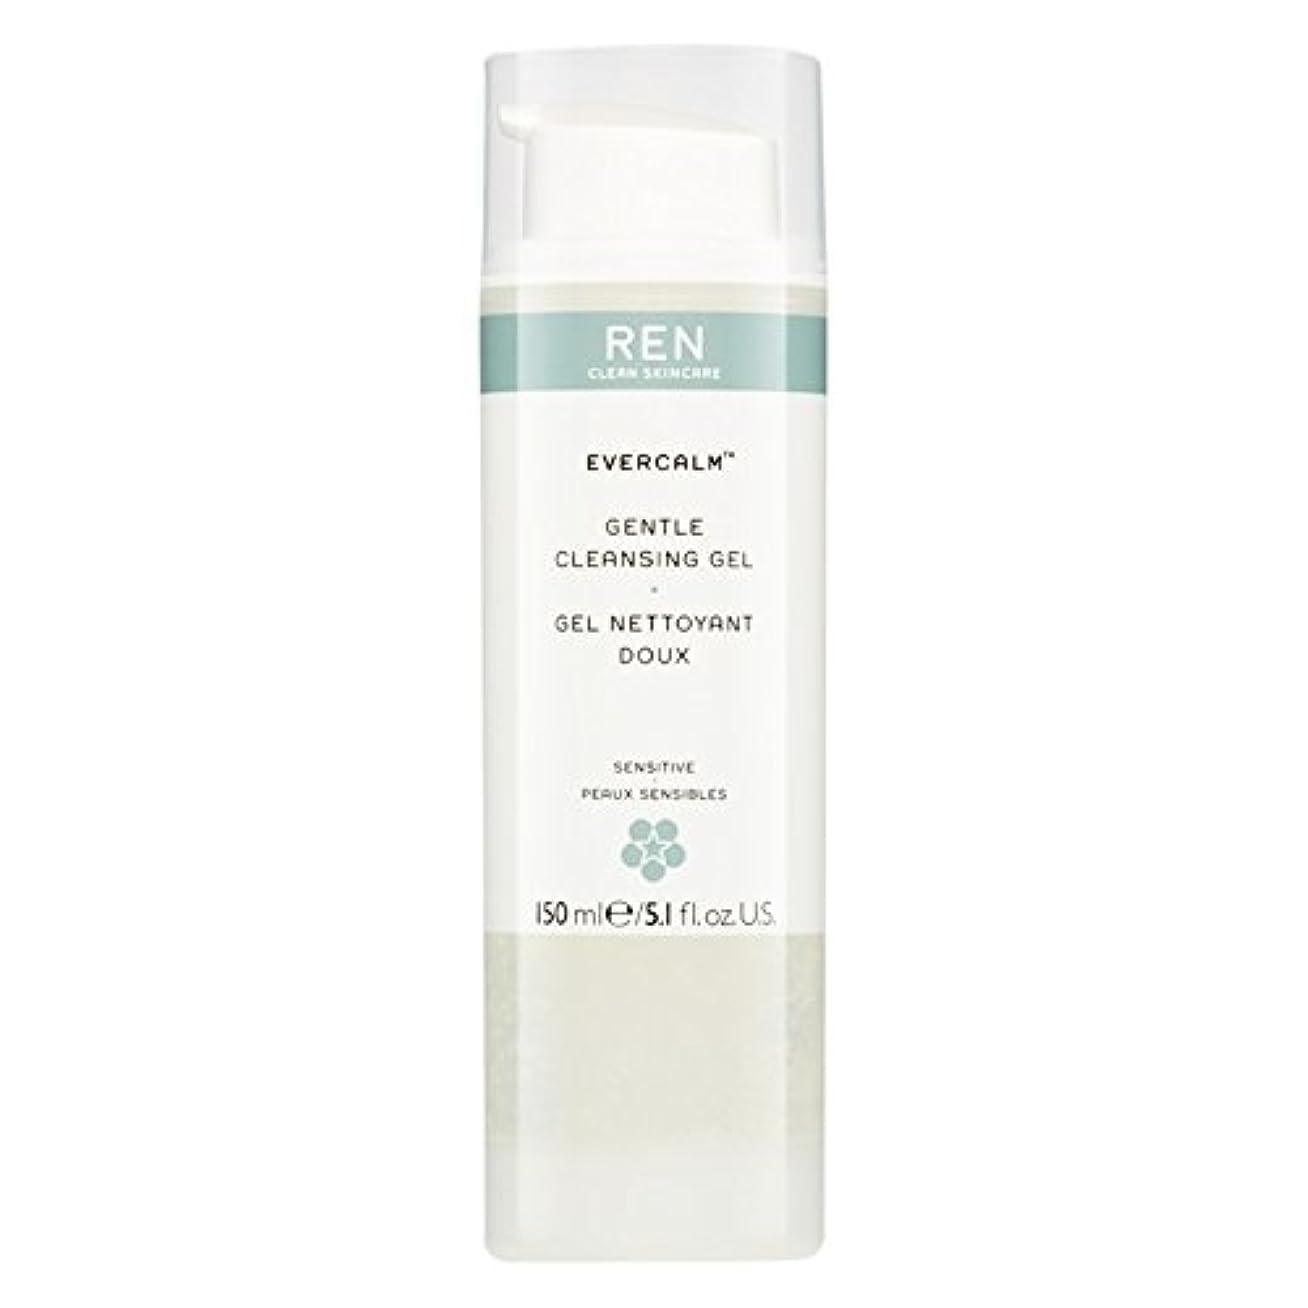 禁止パレードブロックRen Evercalm優しいクレンジングジェル、150ミリリットル (REN) (x2) - REN Evercalm Gentle Cleansing Gel, 150ml (Pack of 2) [並行輸入品]